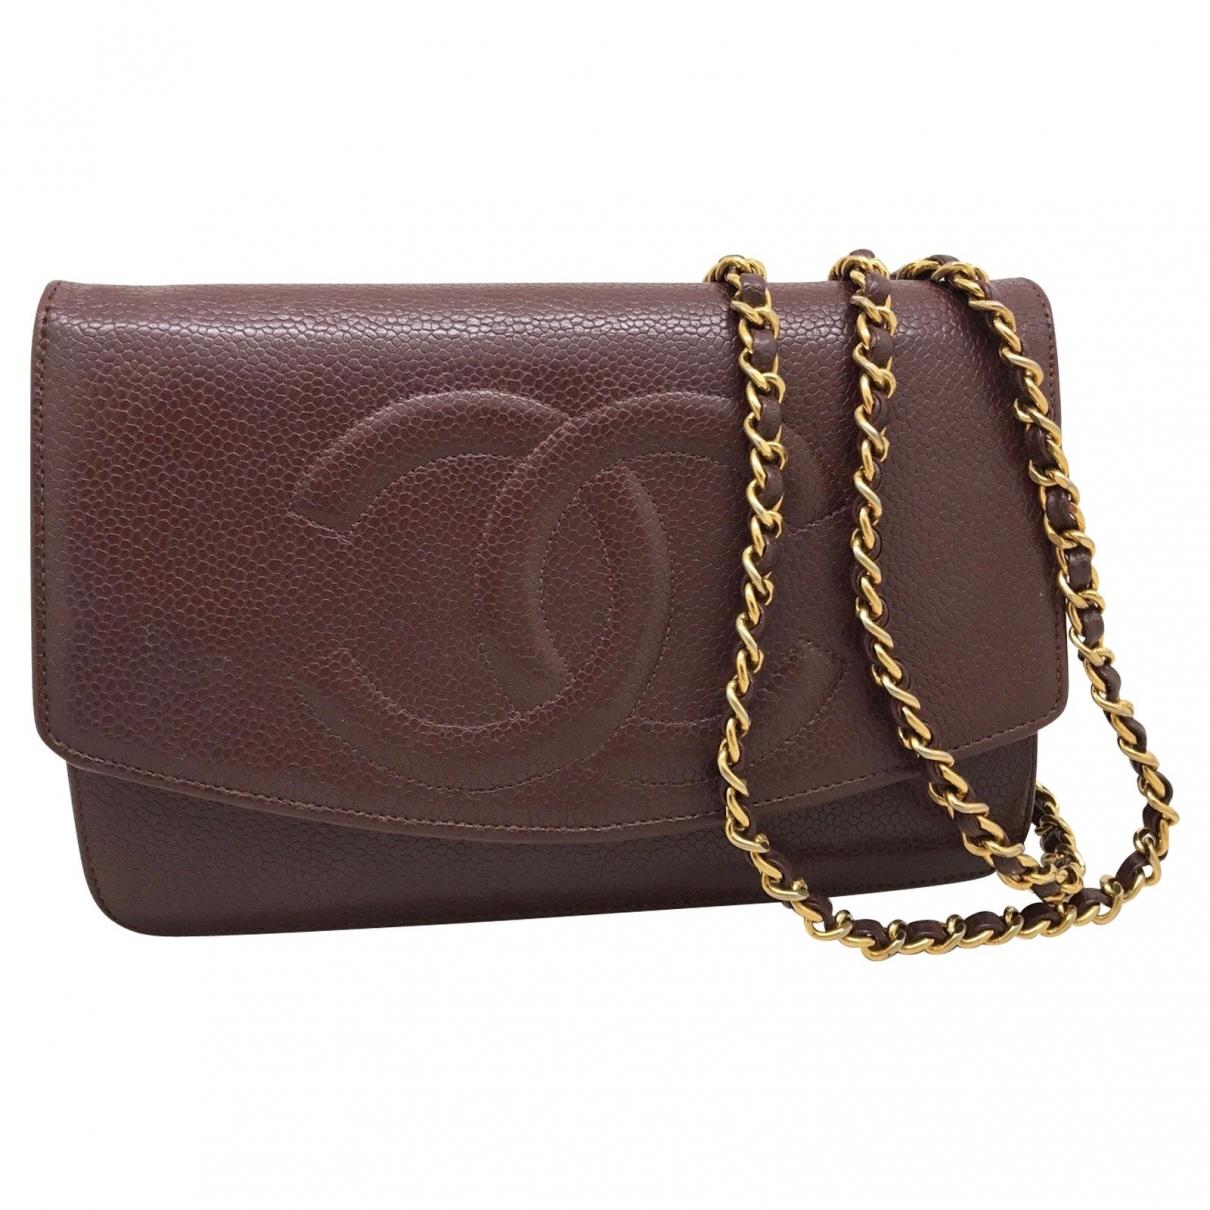 Chanel Wallet on Chain Handtasche in  Braun Leder